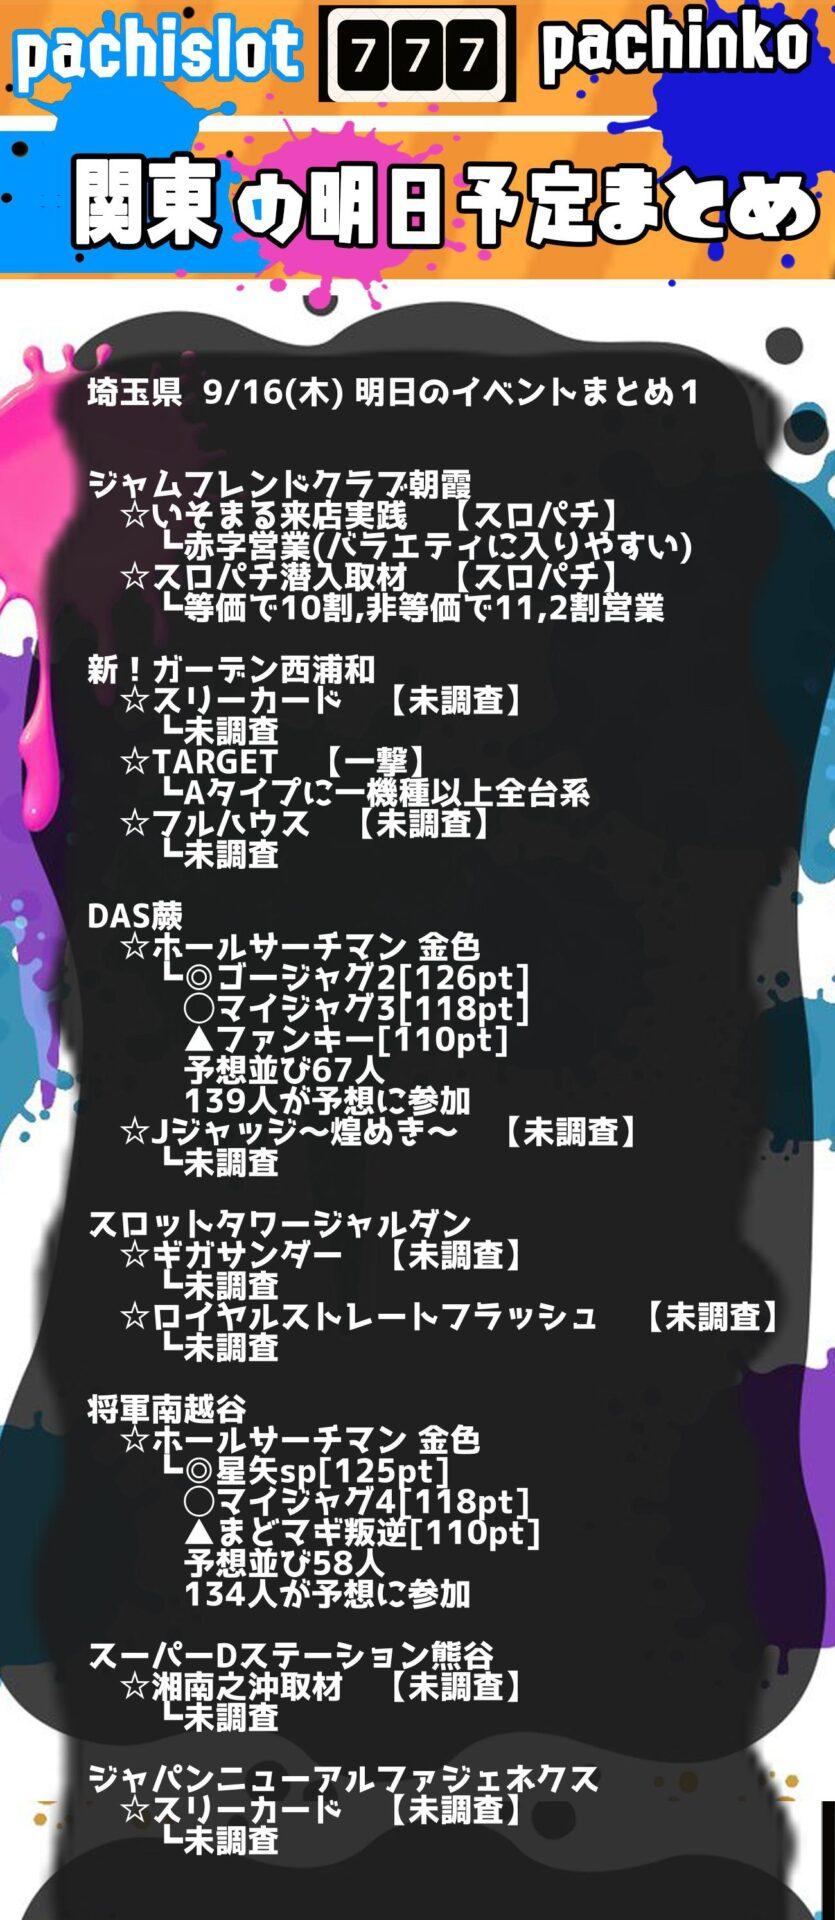 埼玉県_2021-09-16_パチンコ・パチスロ_イベント